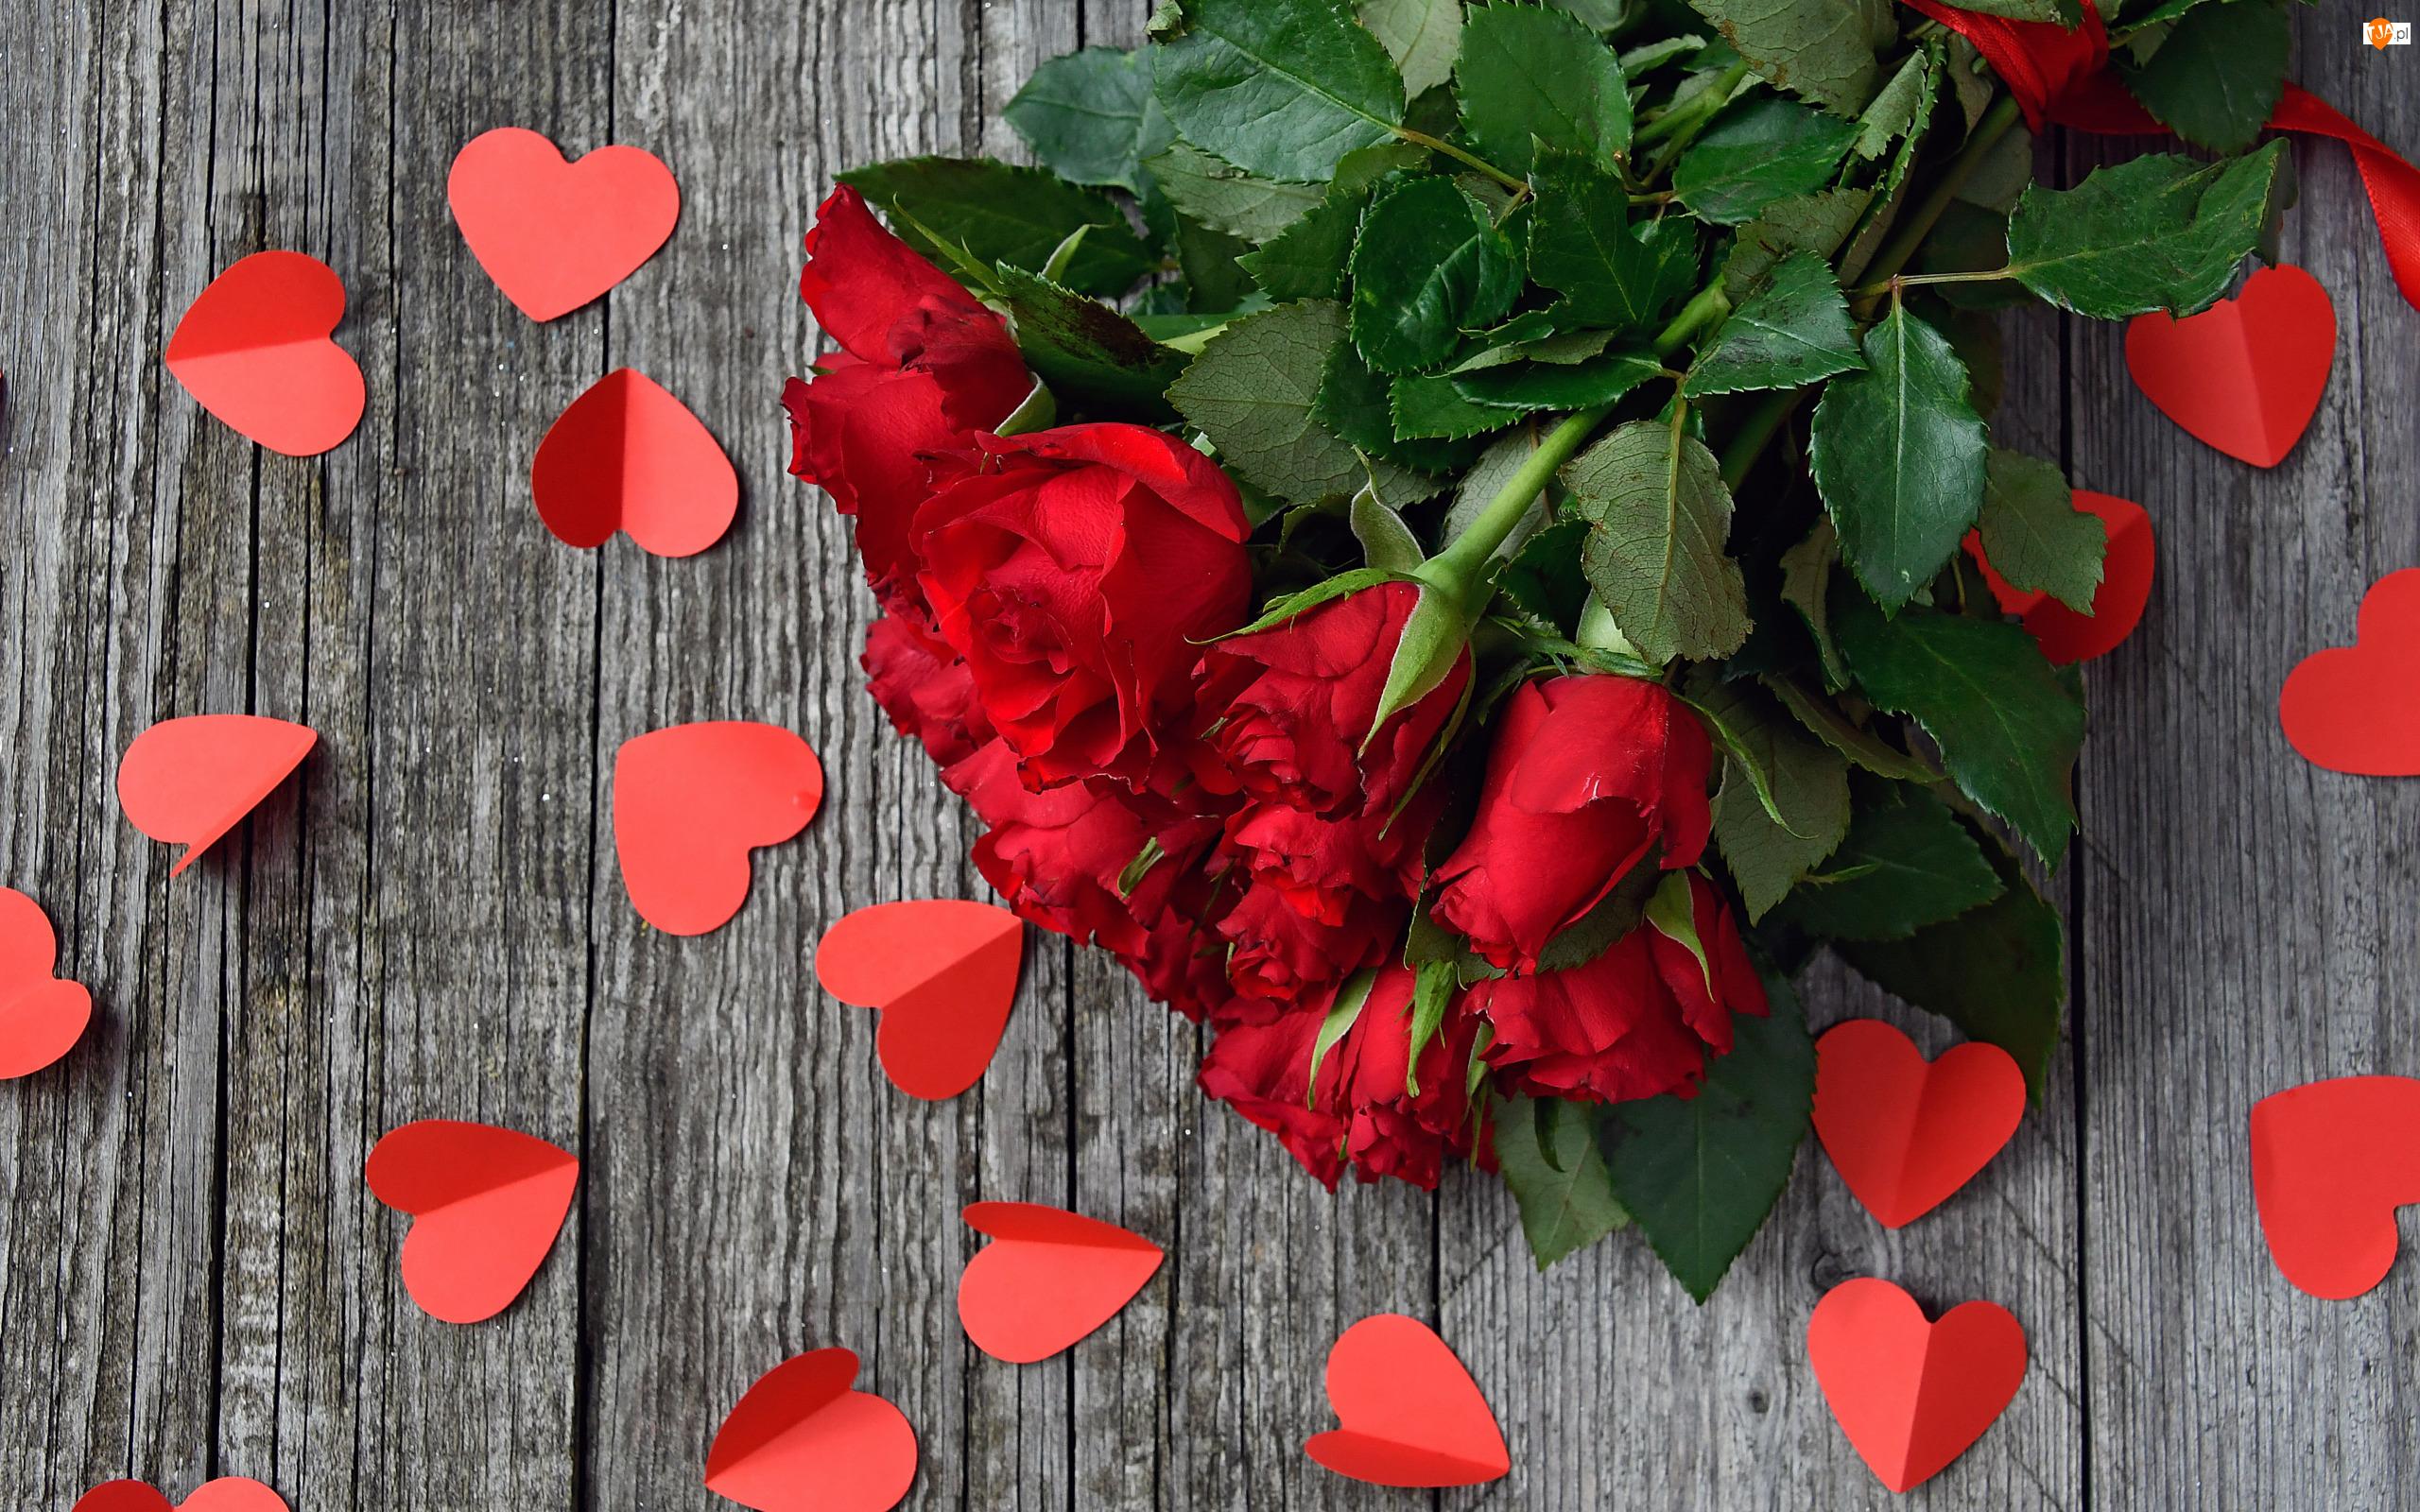 Bukiet, Czerwone, Serduszka, Walentynki, Papierowe, Kwiaty, Róże